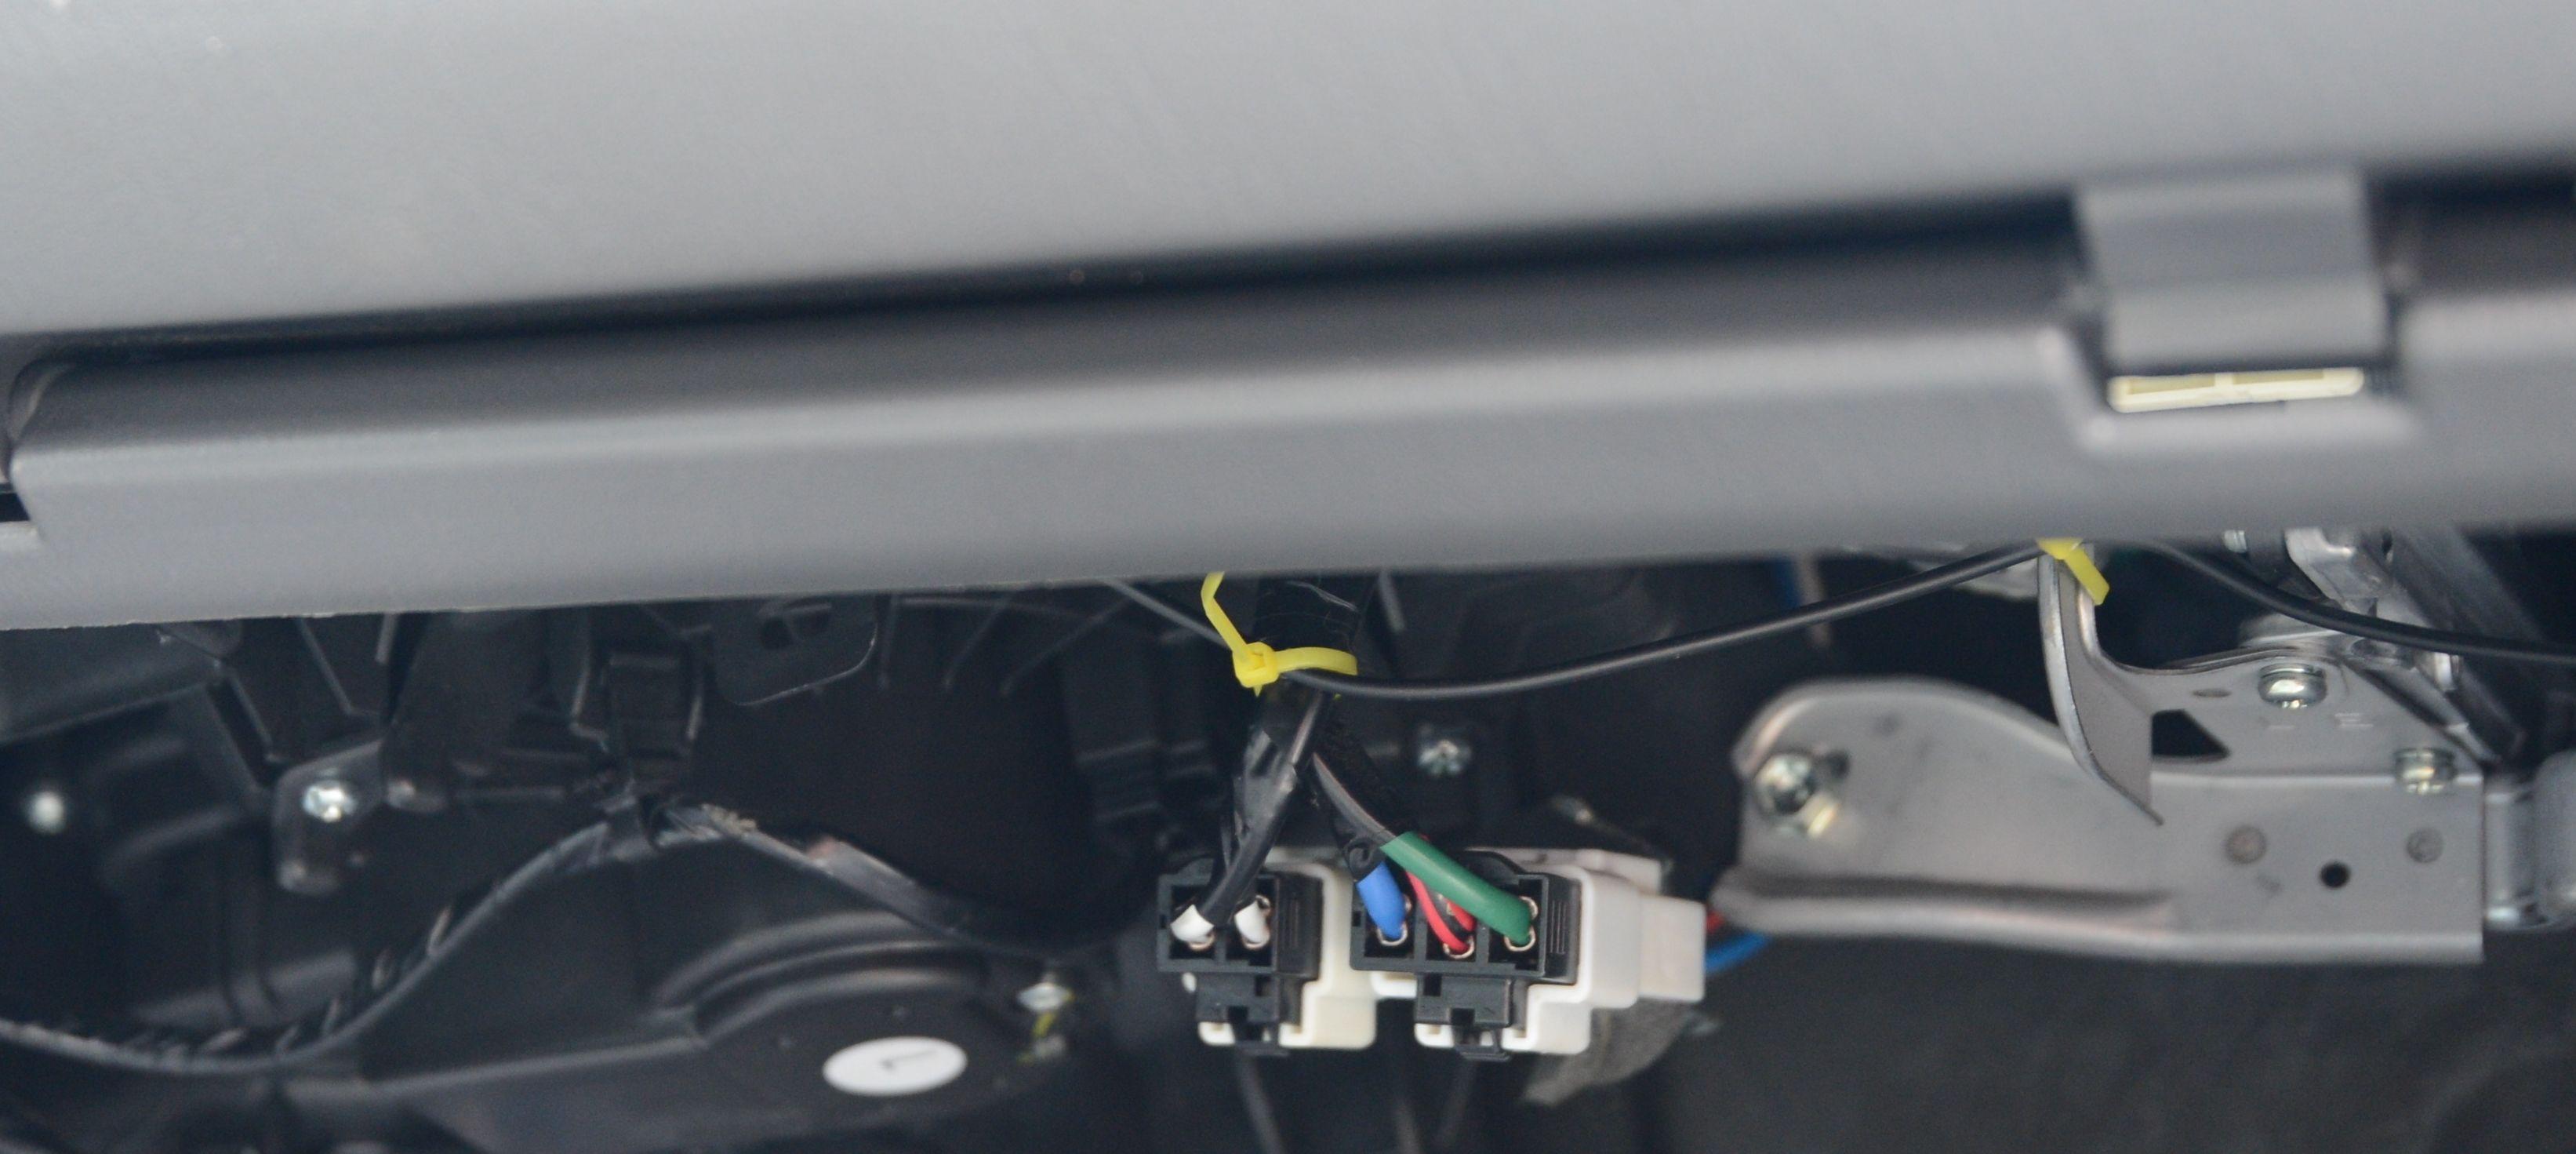 Antennekabelen klipset vi fast så den ikke skulle ramle ned.. Her brukte vi gul strips for å enklere viser hvordan vi gjorde det